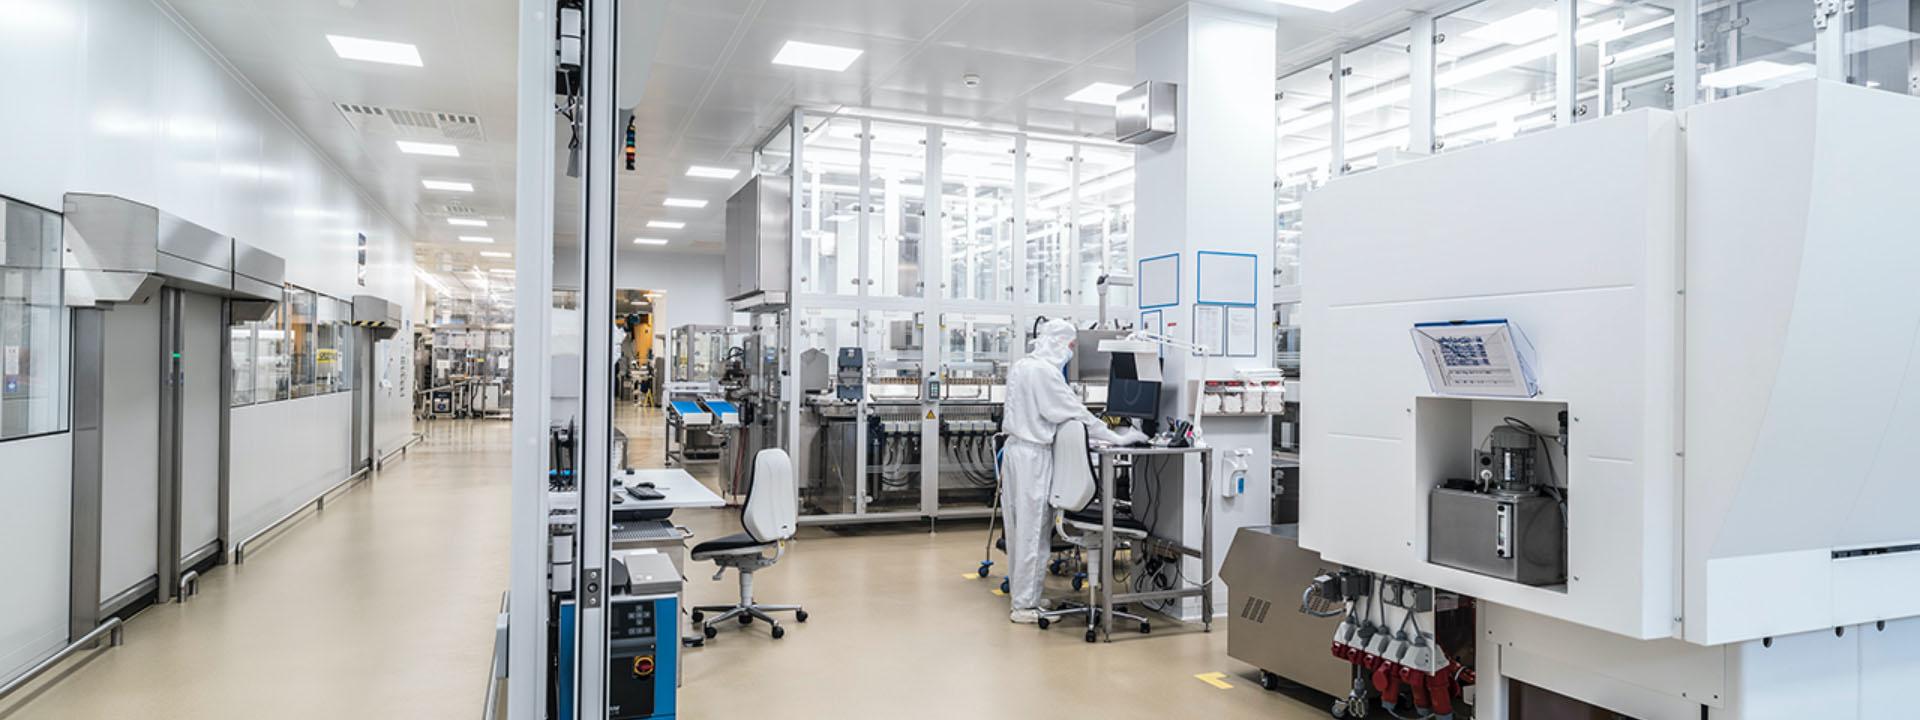 IE Plast - Top-Expertise in Reinraum, Energieeffizienz und Prozessoptimierung im Industriebau